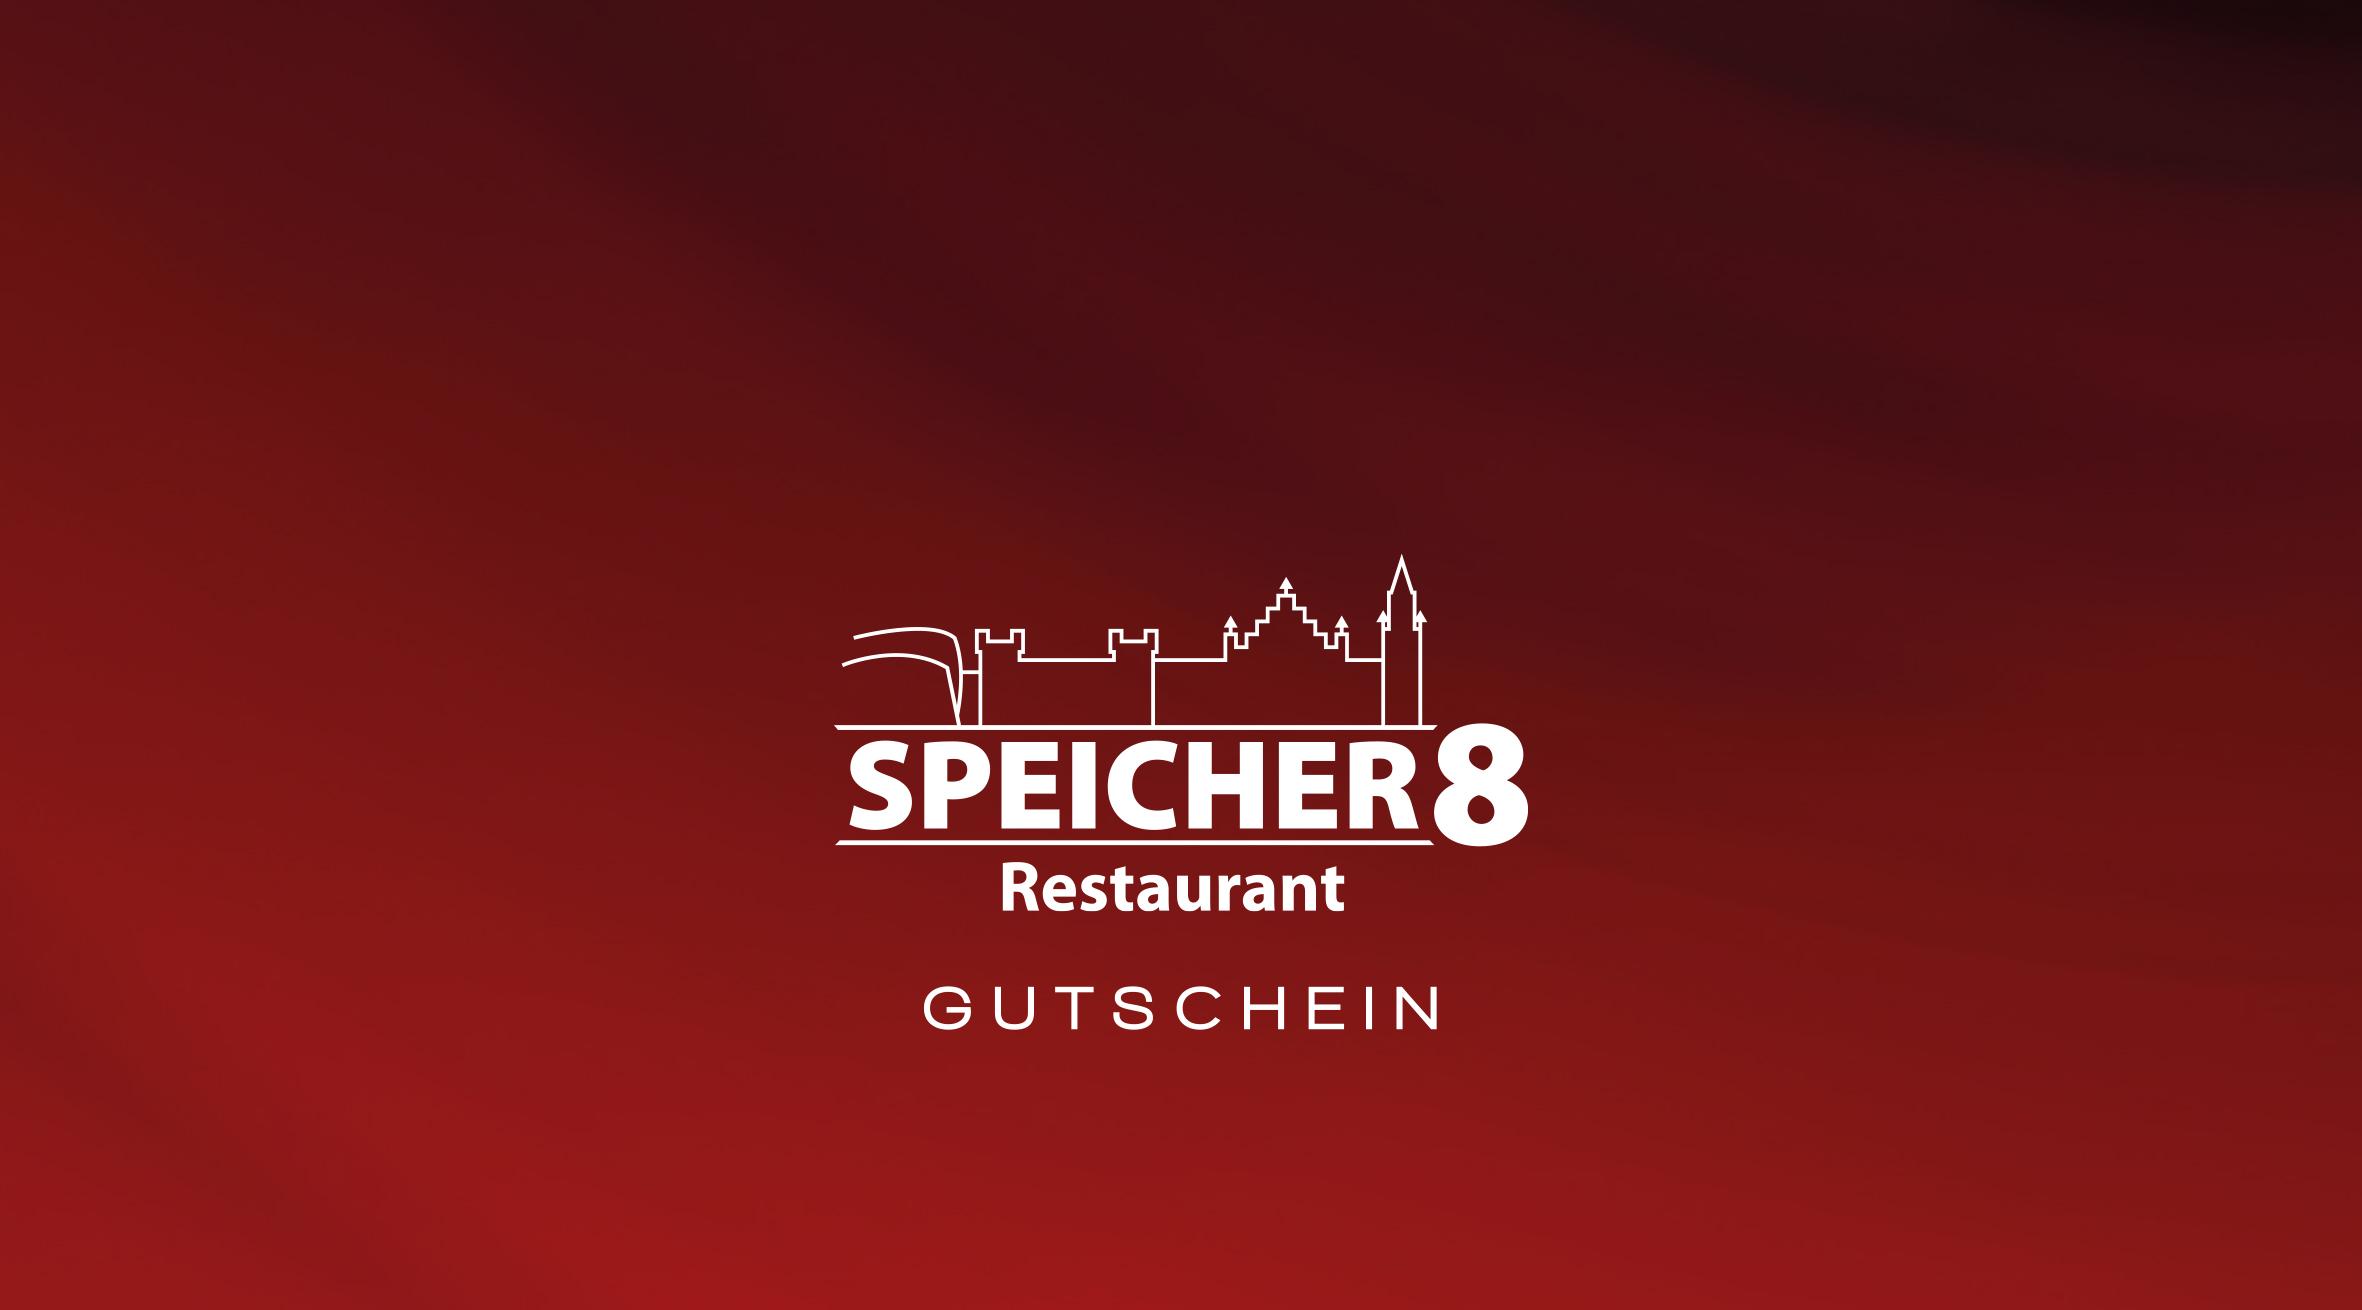 GutscheinNEU_1